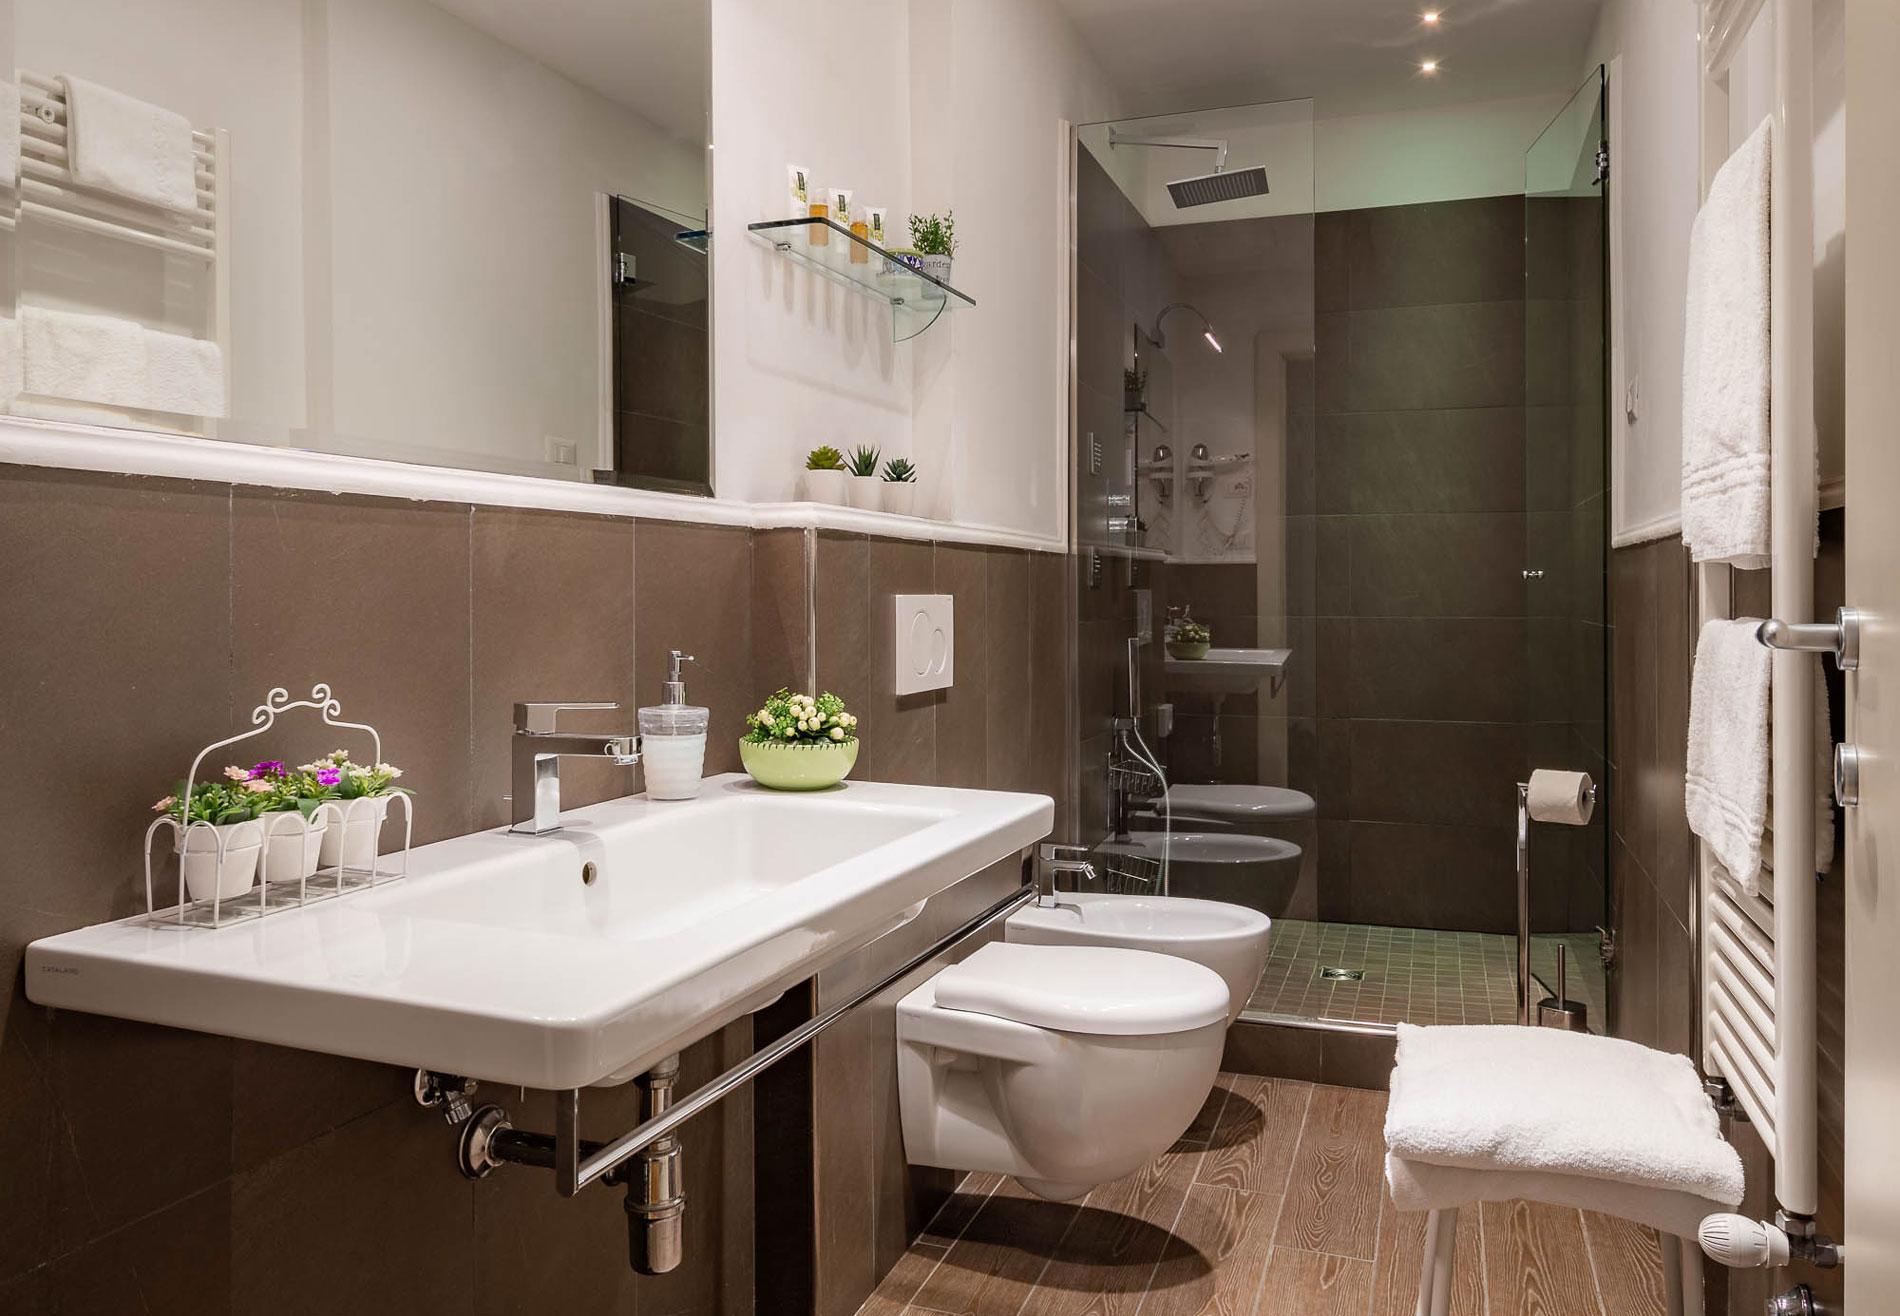 bagno di una camera dell'Hotel del Corso in centro a Firenze